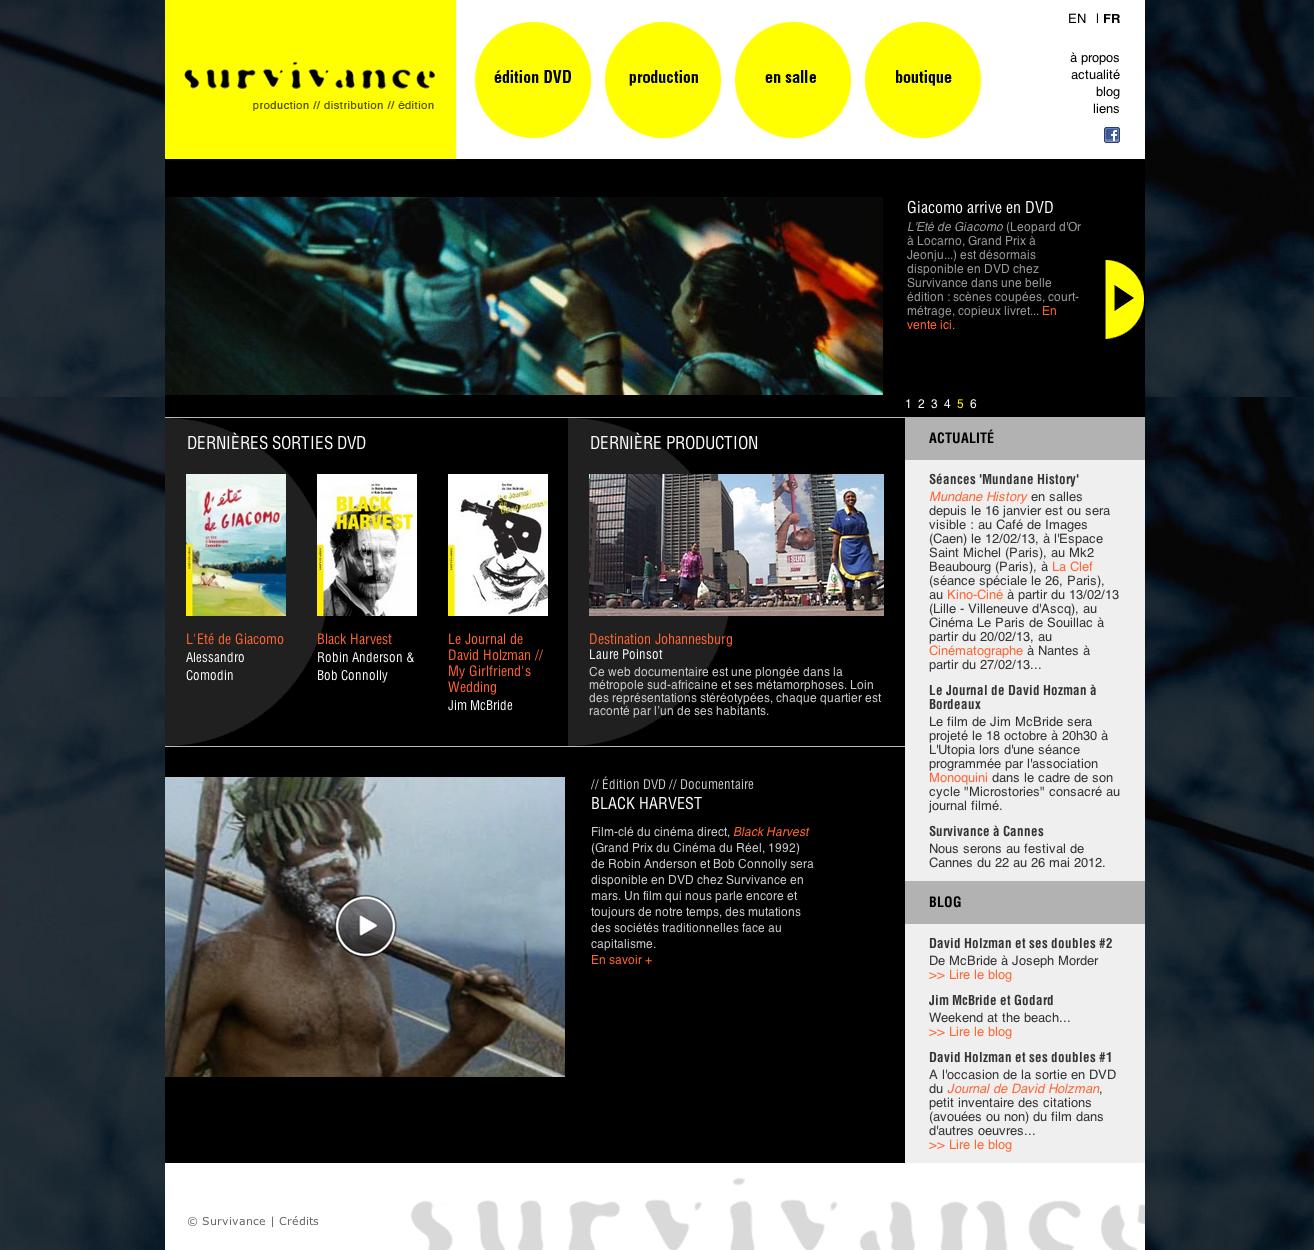 Survivance, interface : page d'accueil